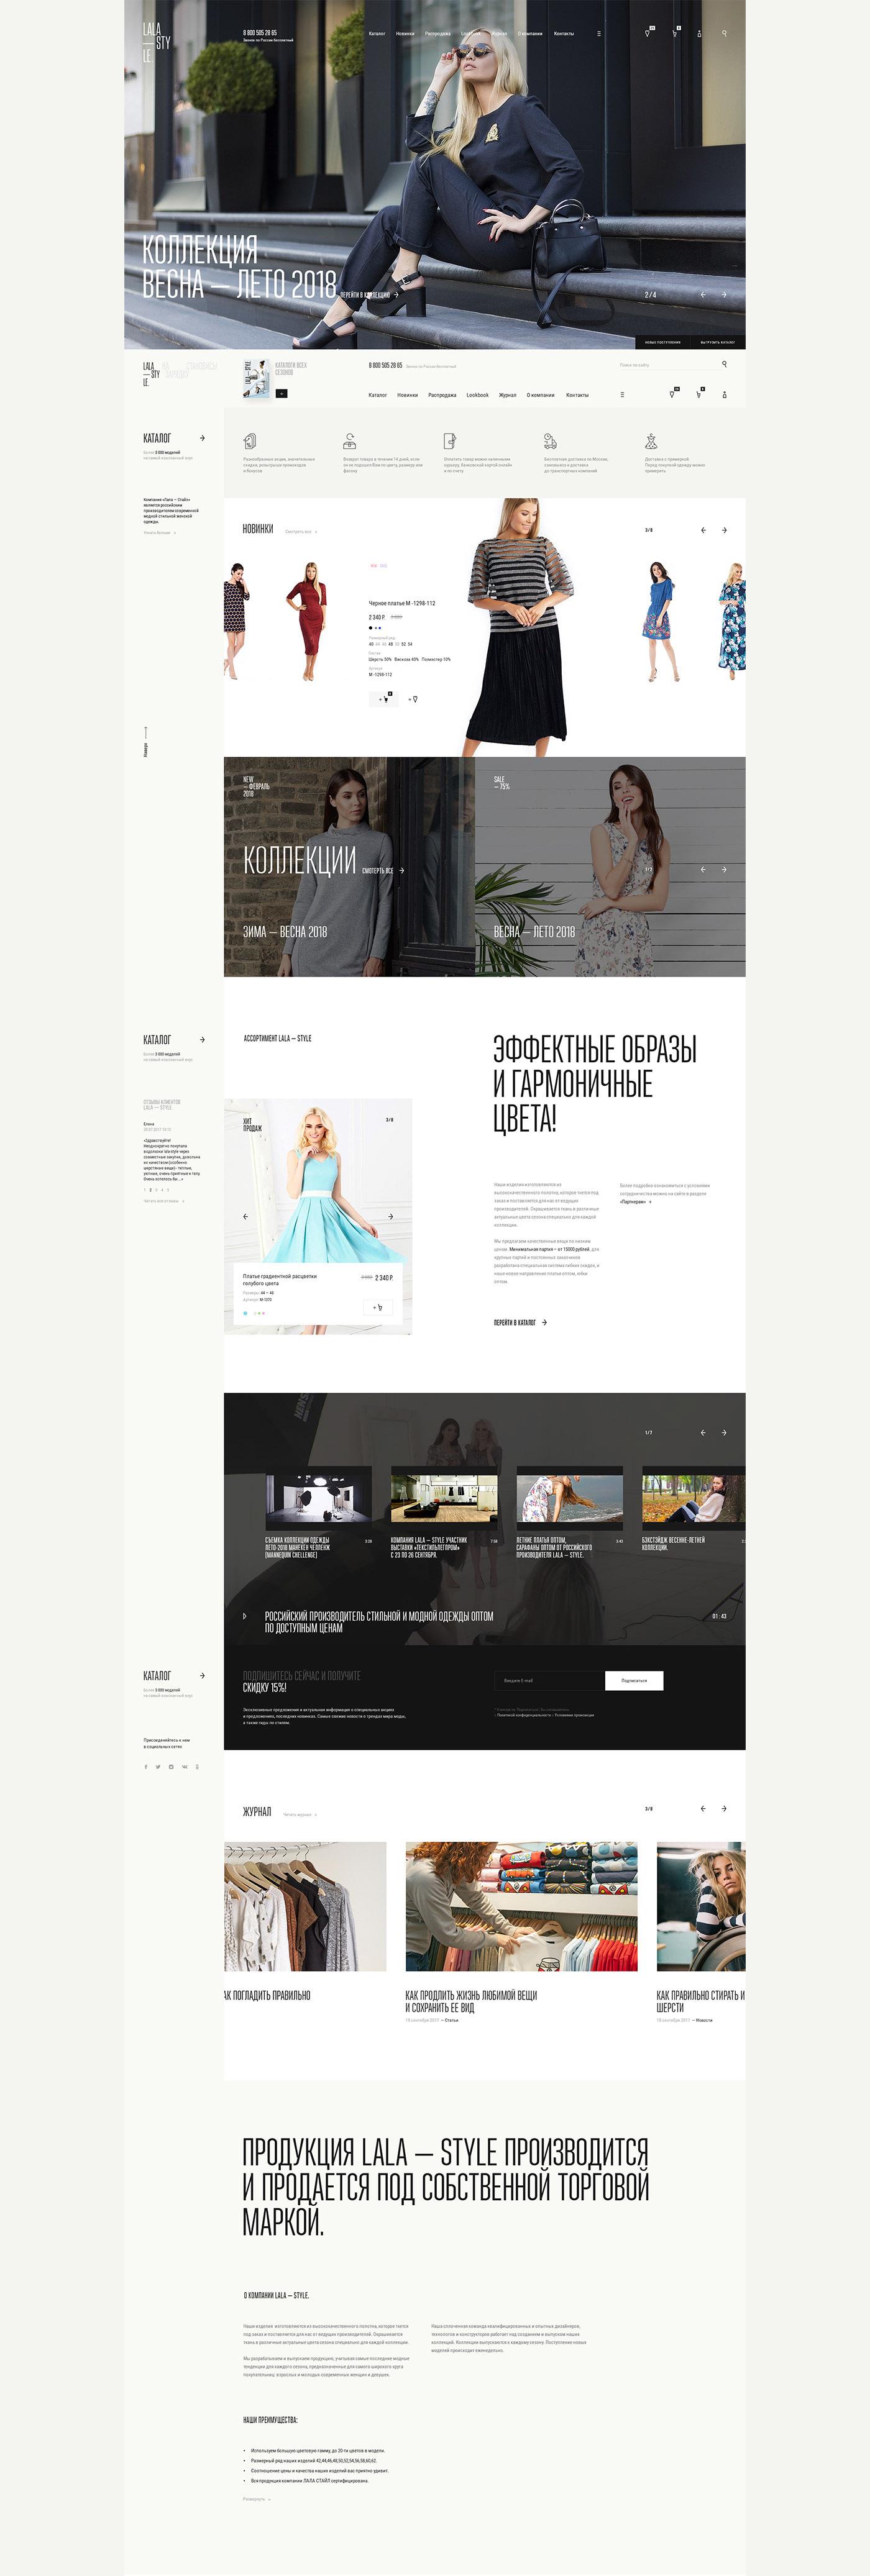 e-commerce shop store beauty Ecommerce wholesale clothes Fashion  Responsive ideas